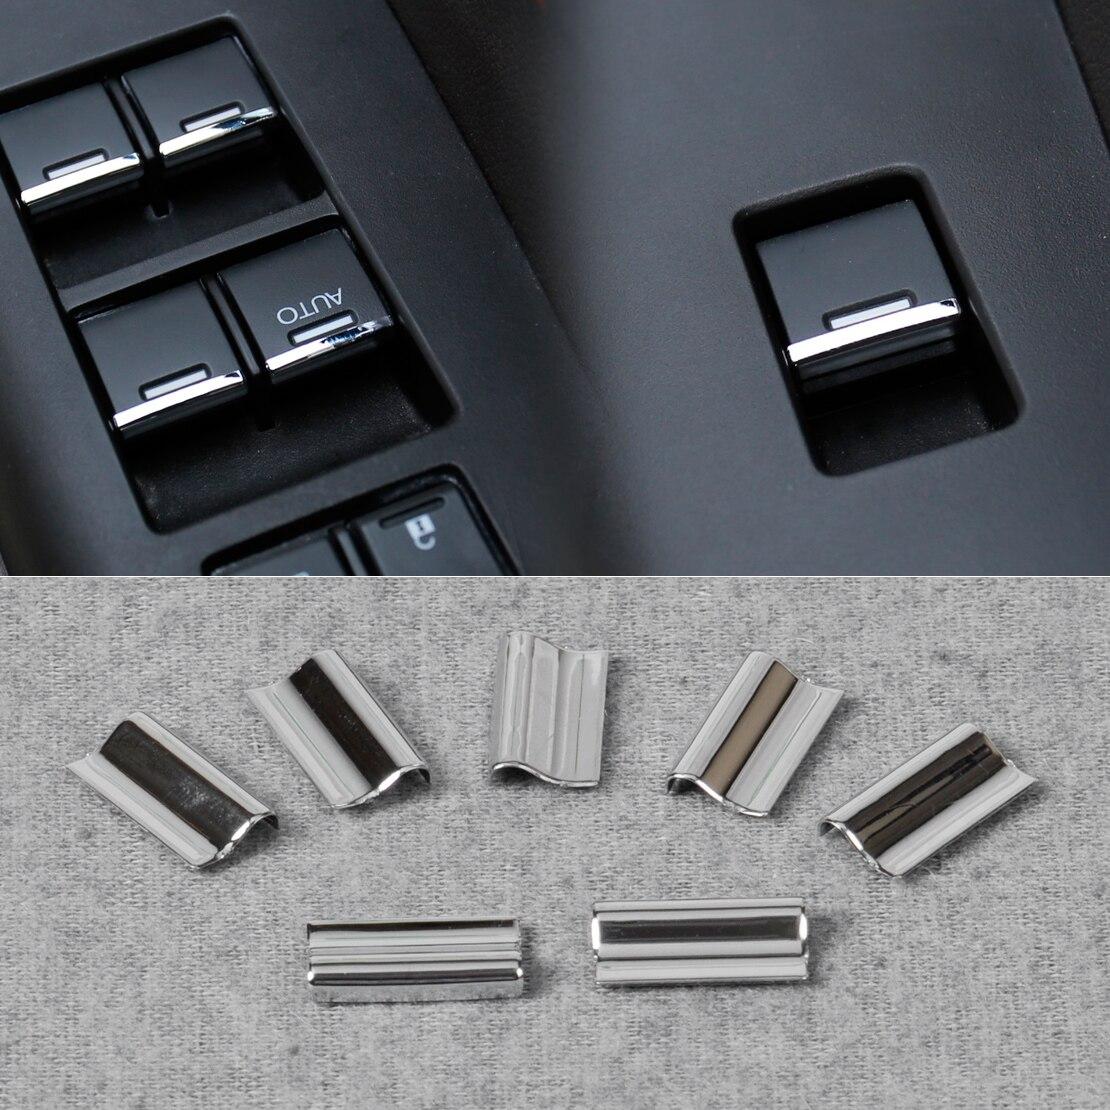 7 шт. хромированный переключатель двери и окна, крышка кнопки подъема, обшивка, подходит для Honda Civic, CRV, CR-V, Vezel, Accord, Odyssey, City